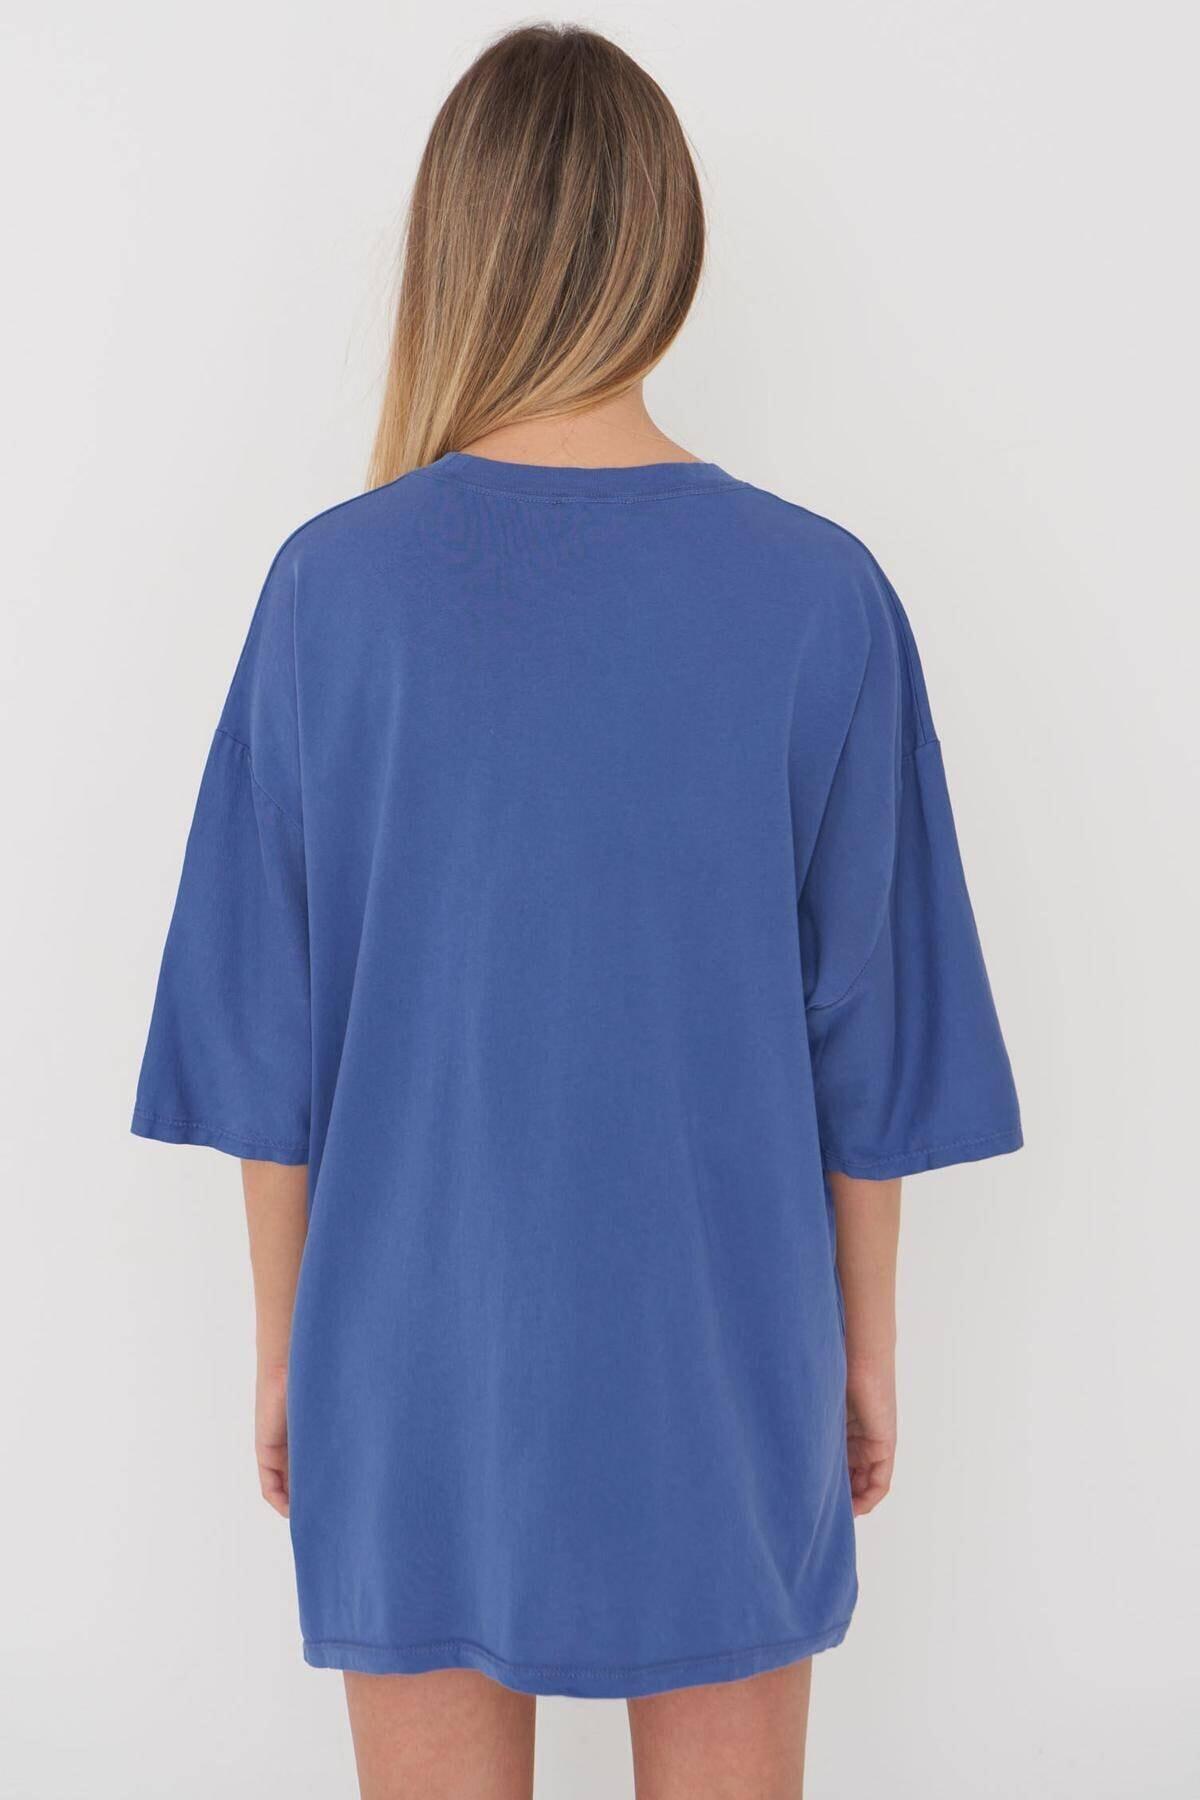 Addax Kadın İndigo Baskılı Oversize T-Shirt P9546 - B5 Adx-0000023996